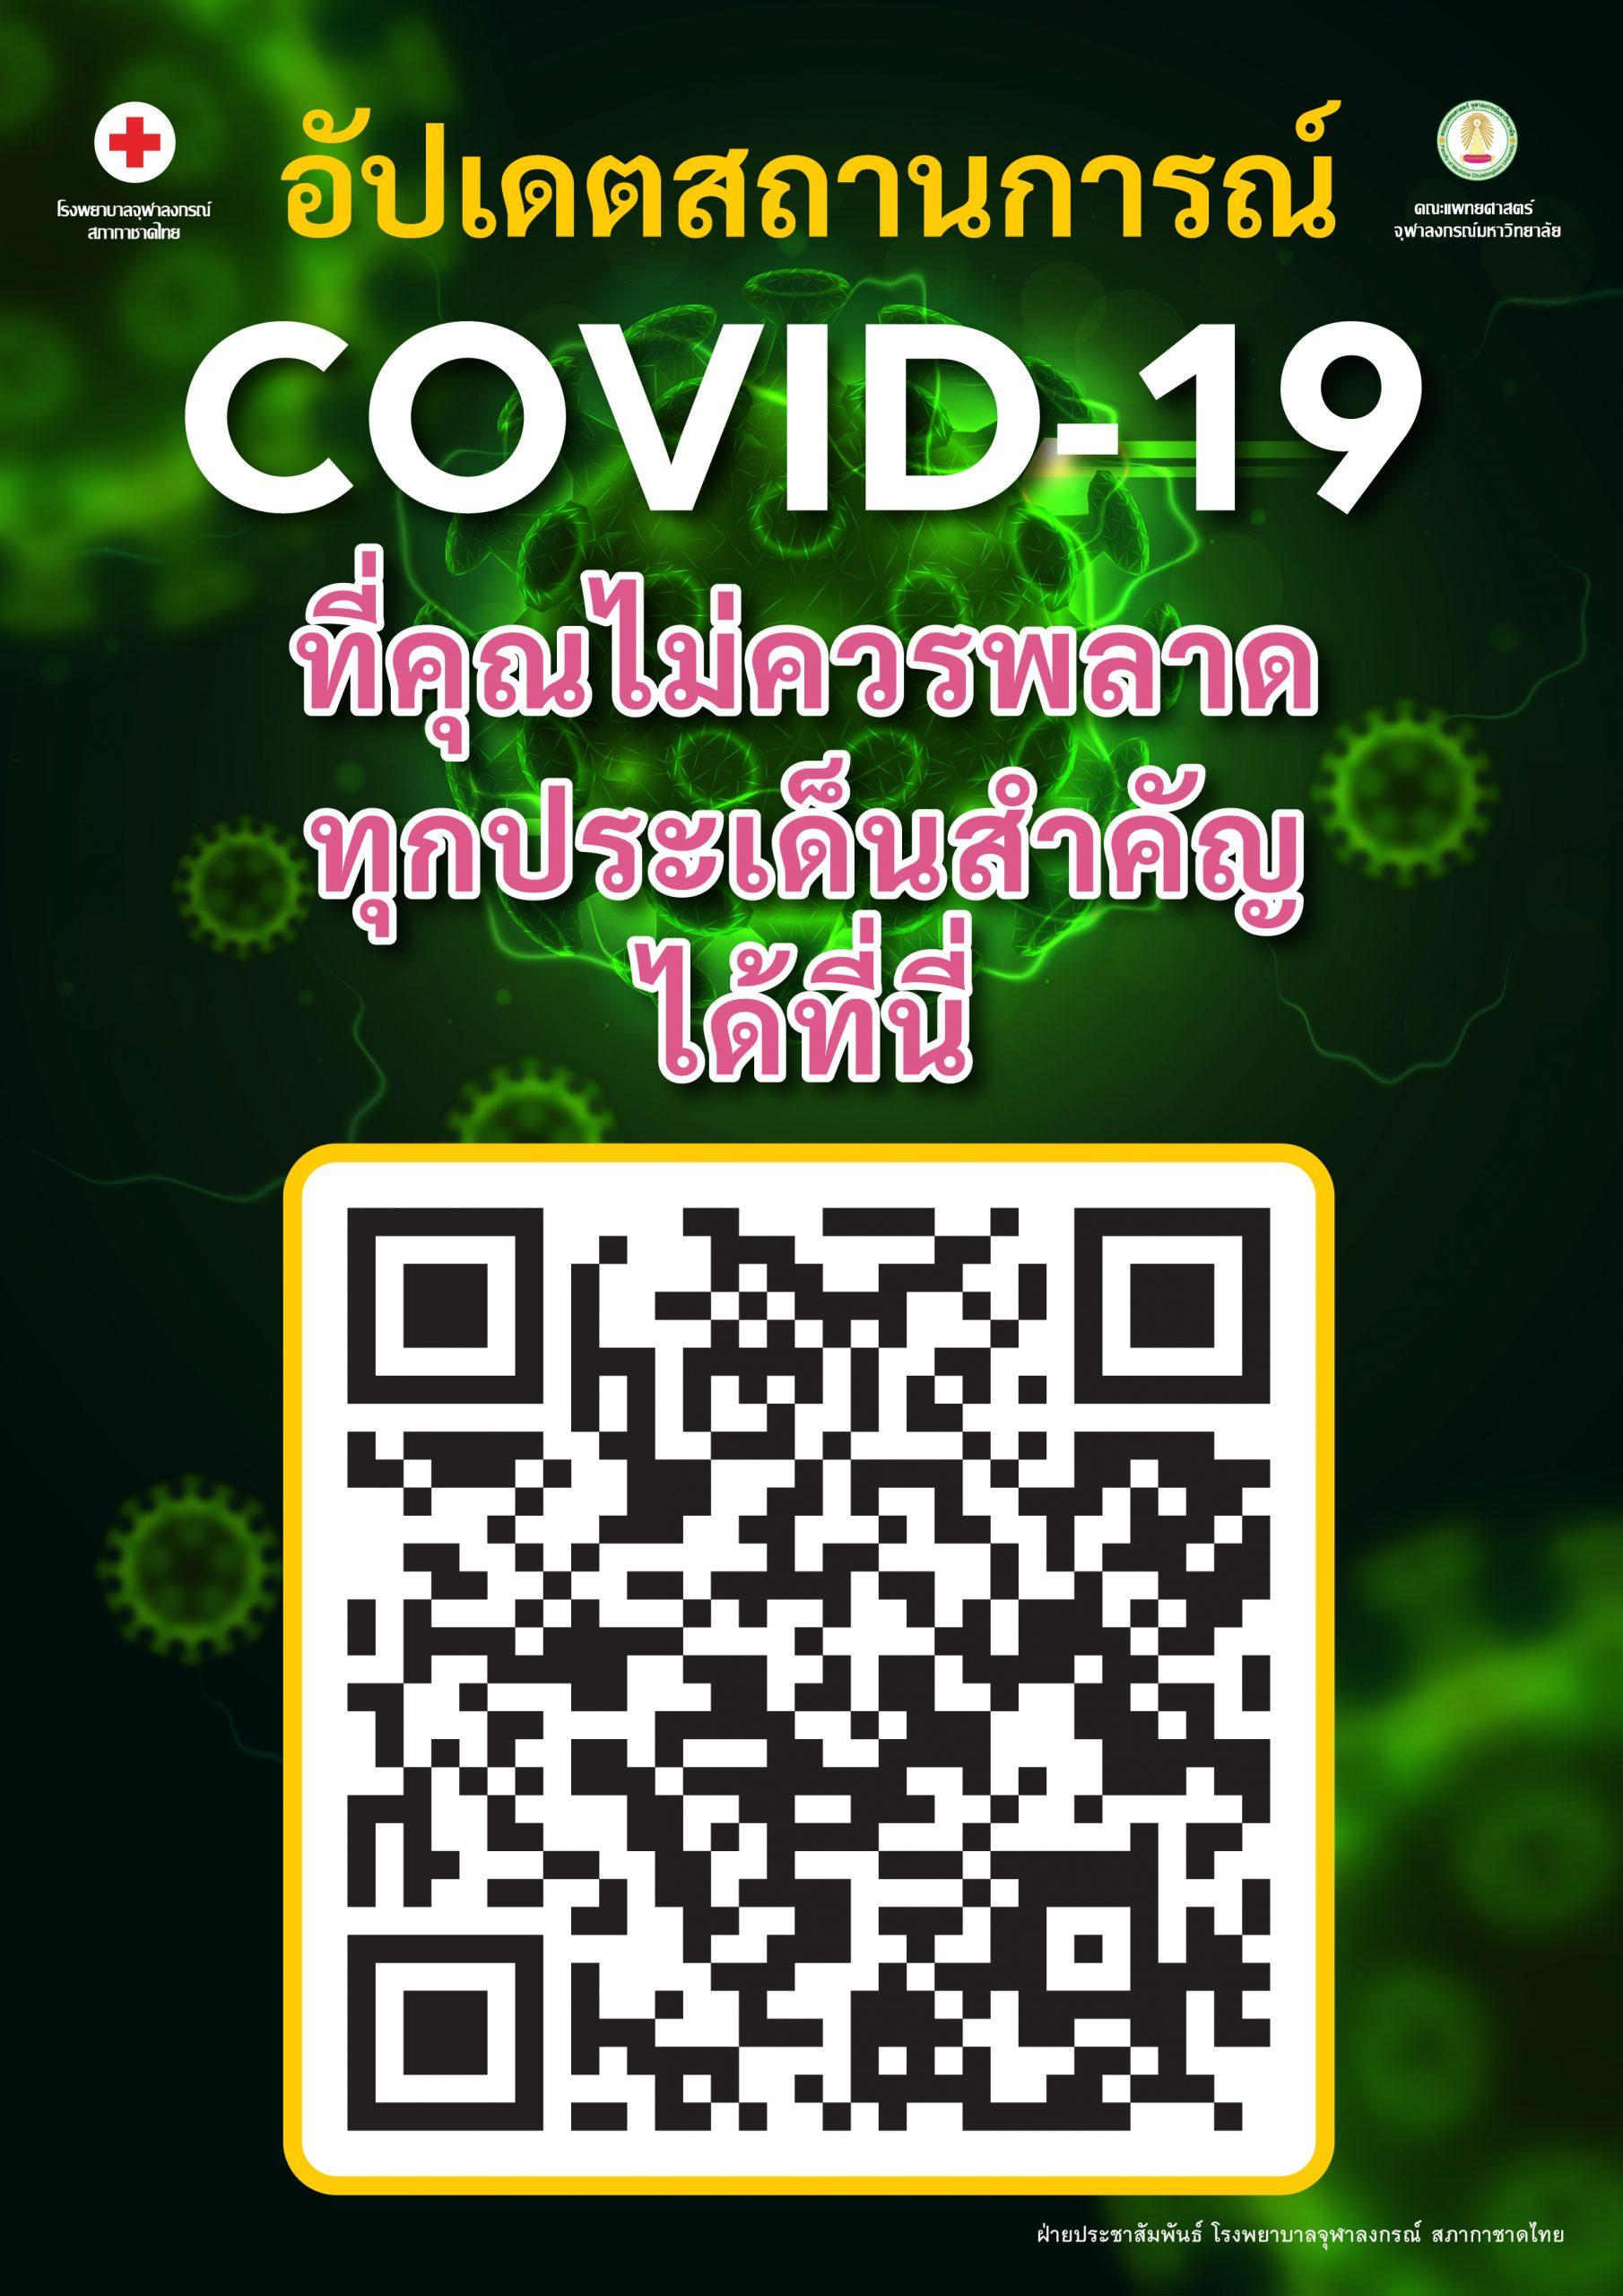 อัปเดตสถานะการณ์ COVID-19 ที่คุณไม่ควรพลาด ทุกประเด็นสำคัญ